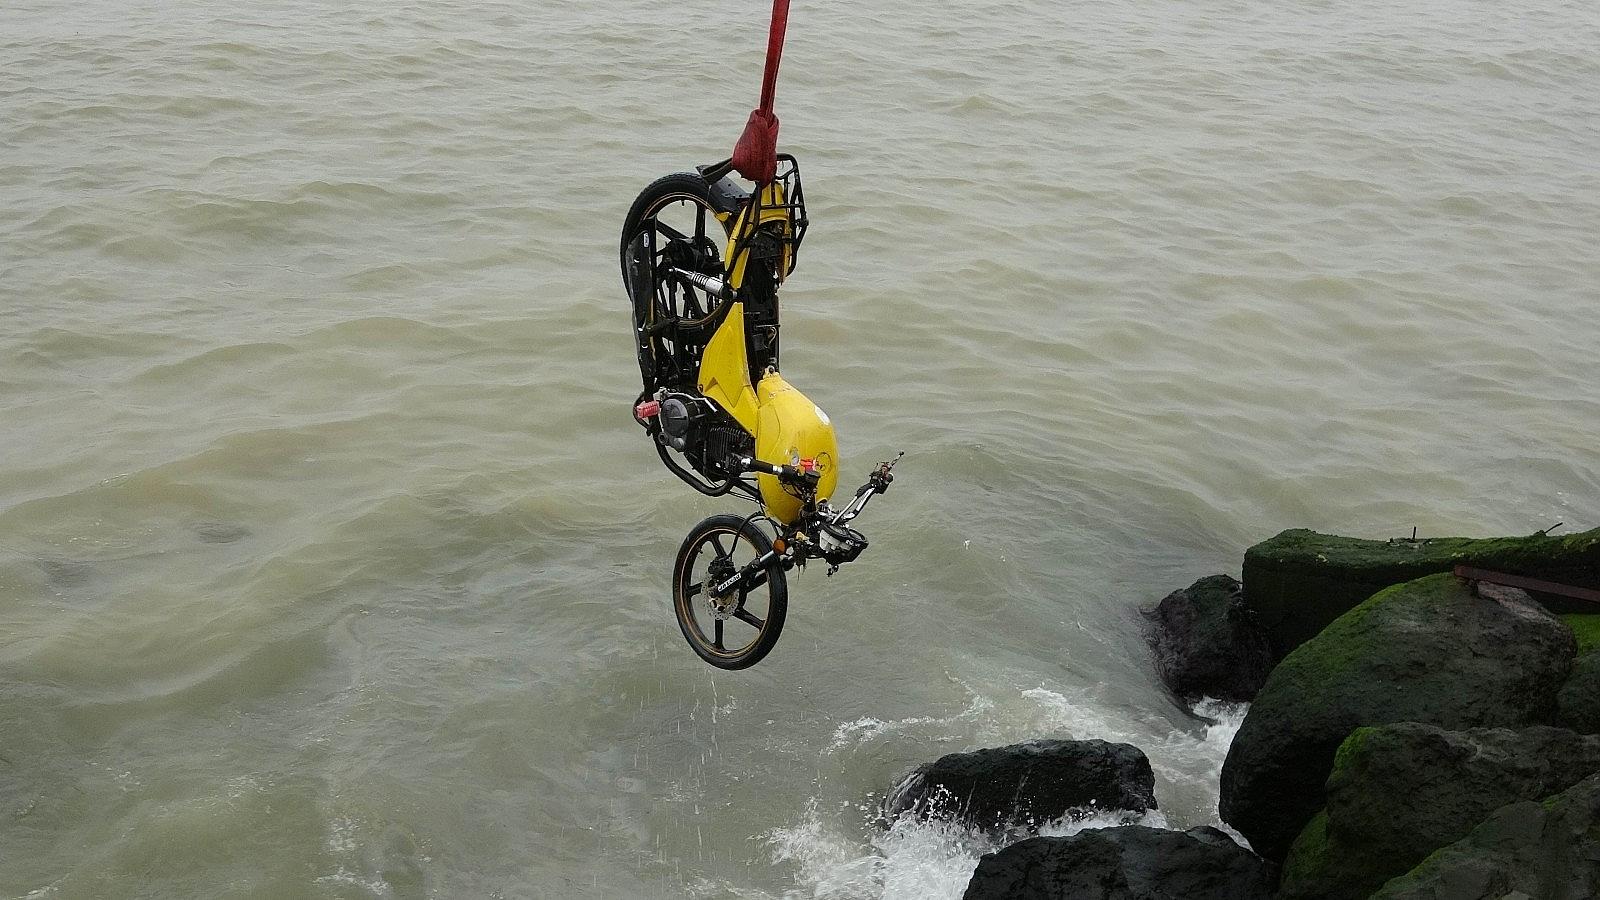 2021/04/samsunda-denizin-icinde-motosiklet-bulundu-20210402AW28-3.jpg